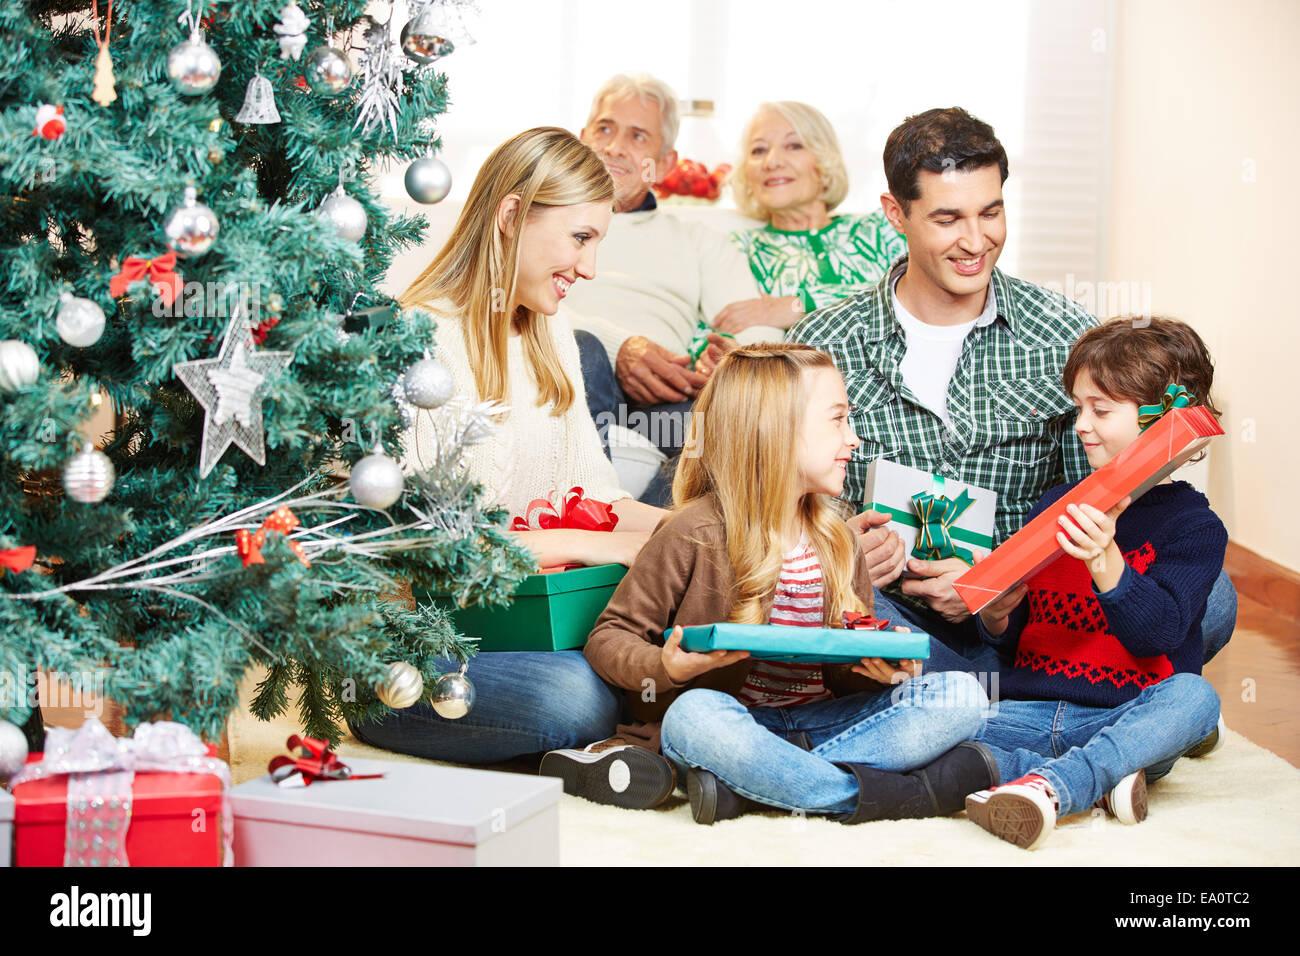 Regali Di Natale Per I Nonni.Due Bambini Di Ottenere Dei Regali Alla Vigilia Di Natale Da